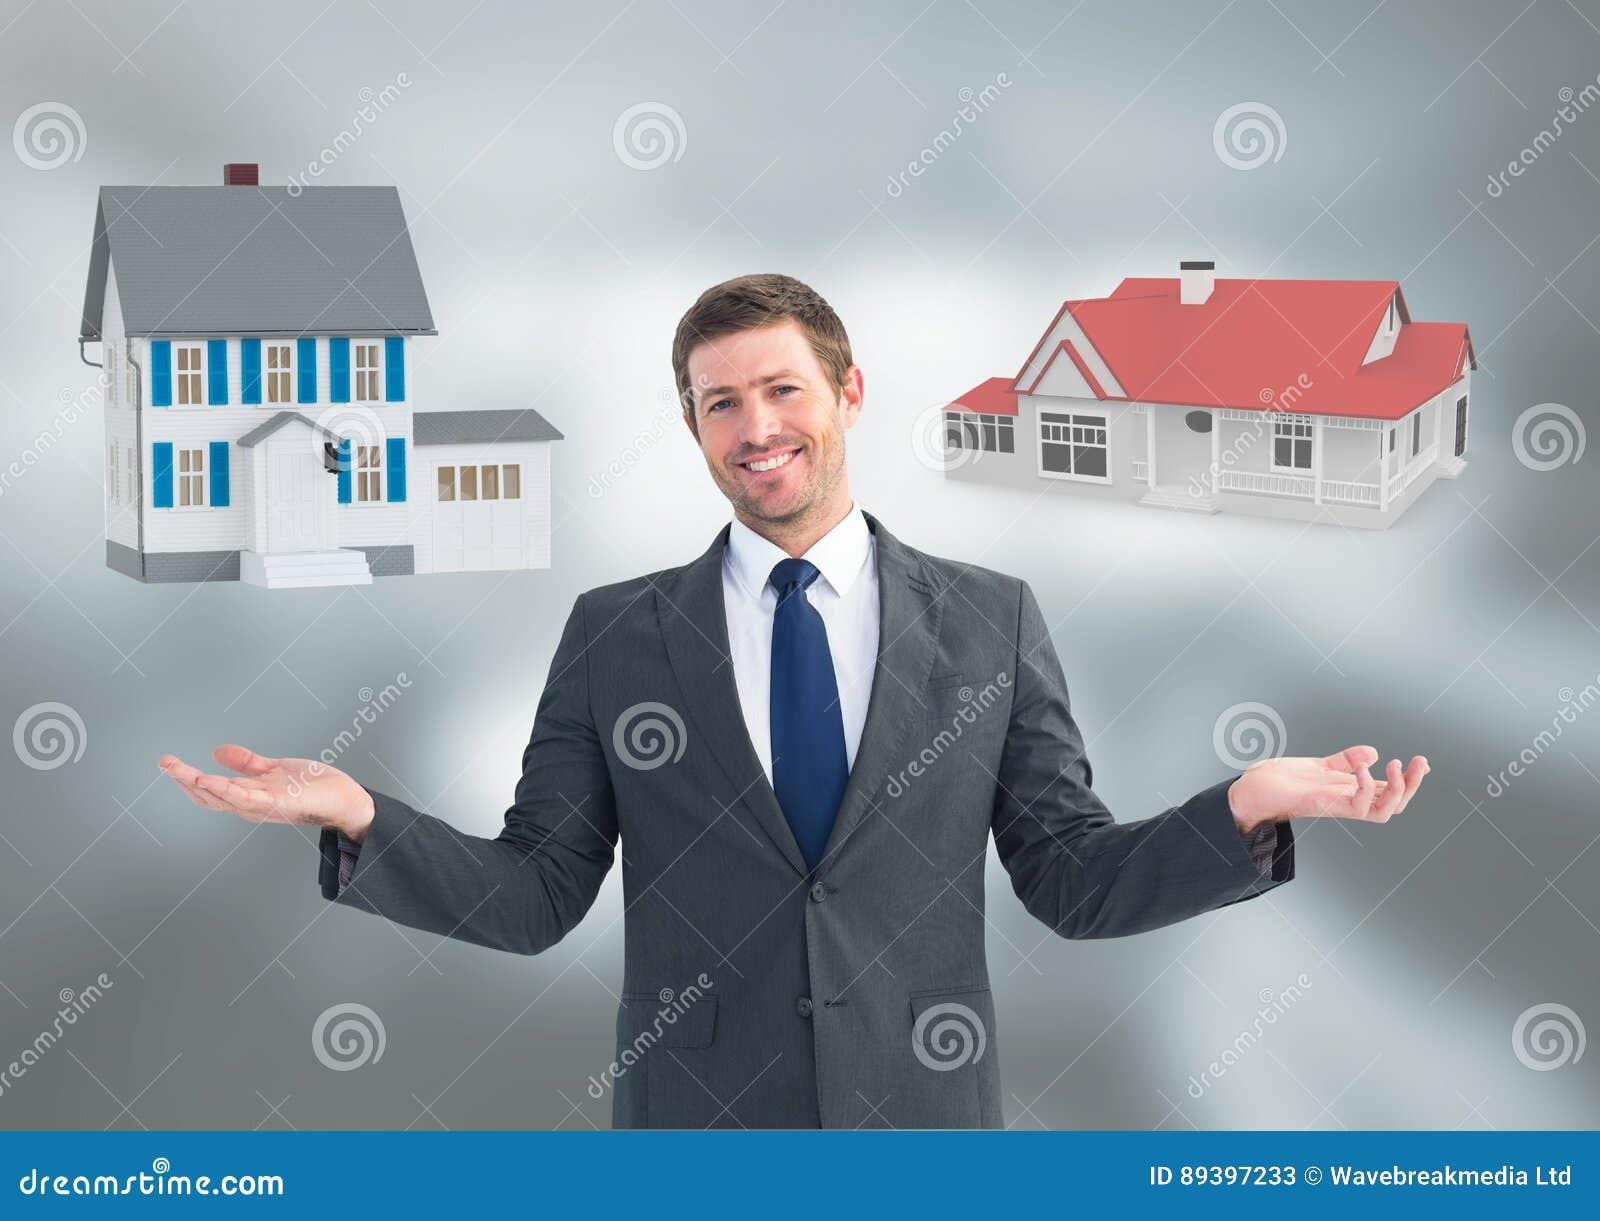 Sirva las casas que eligen o de decisiones con las manos abiertas de la palma